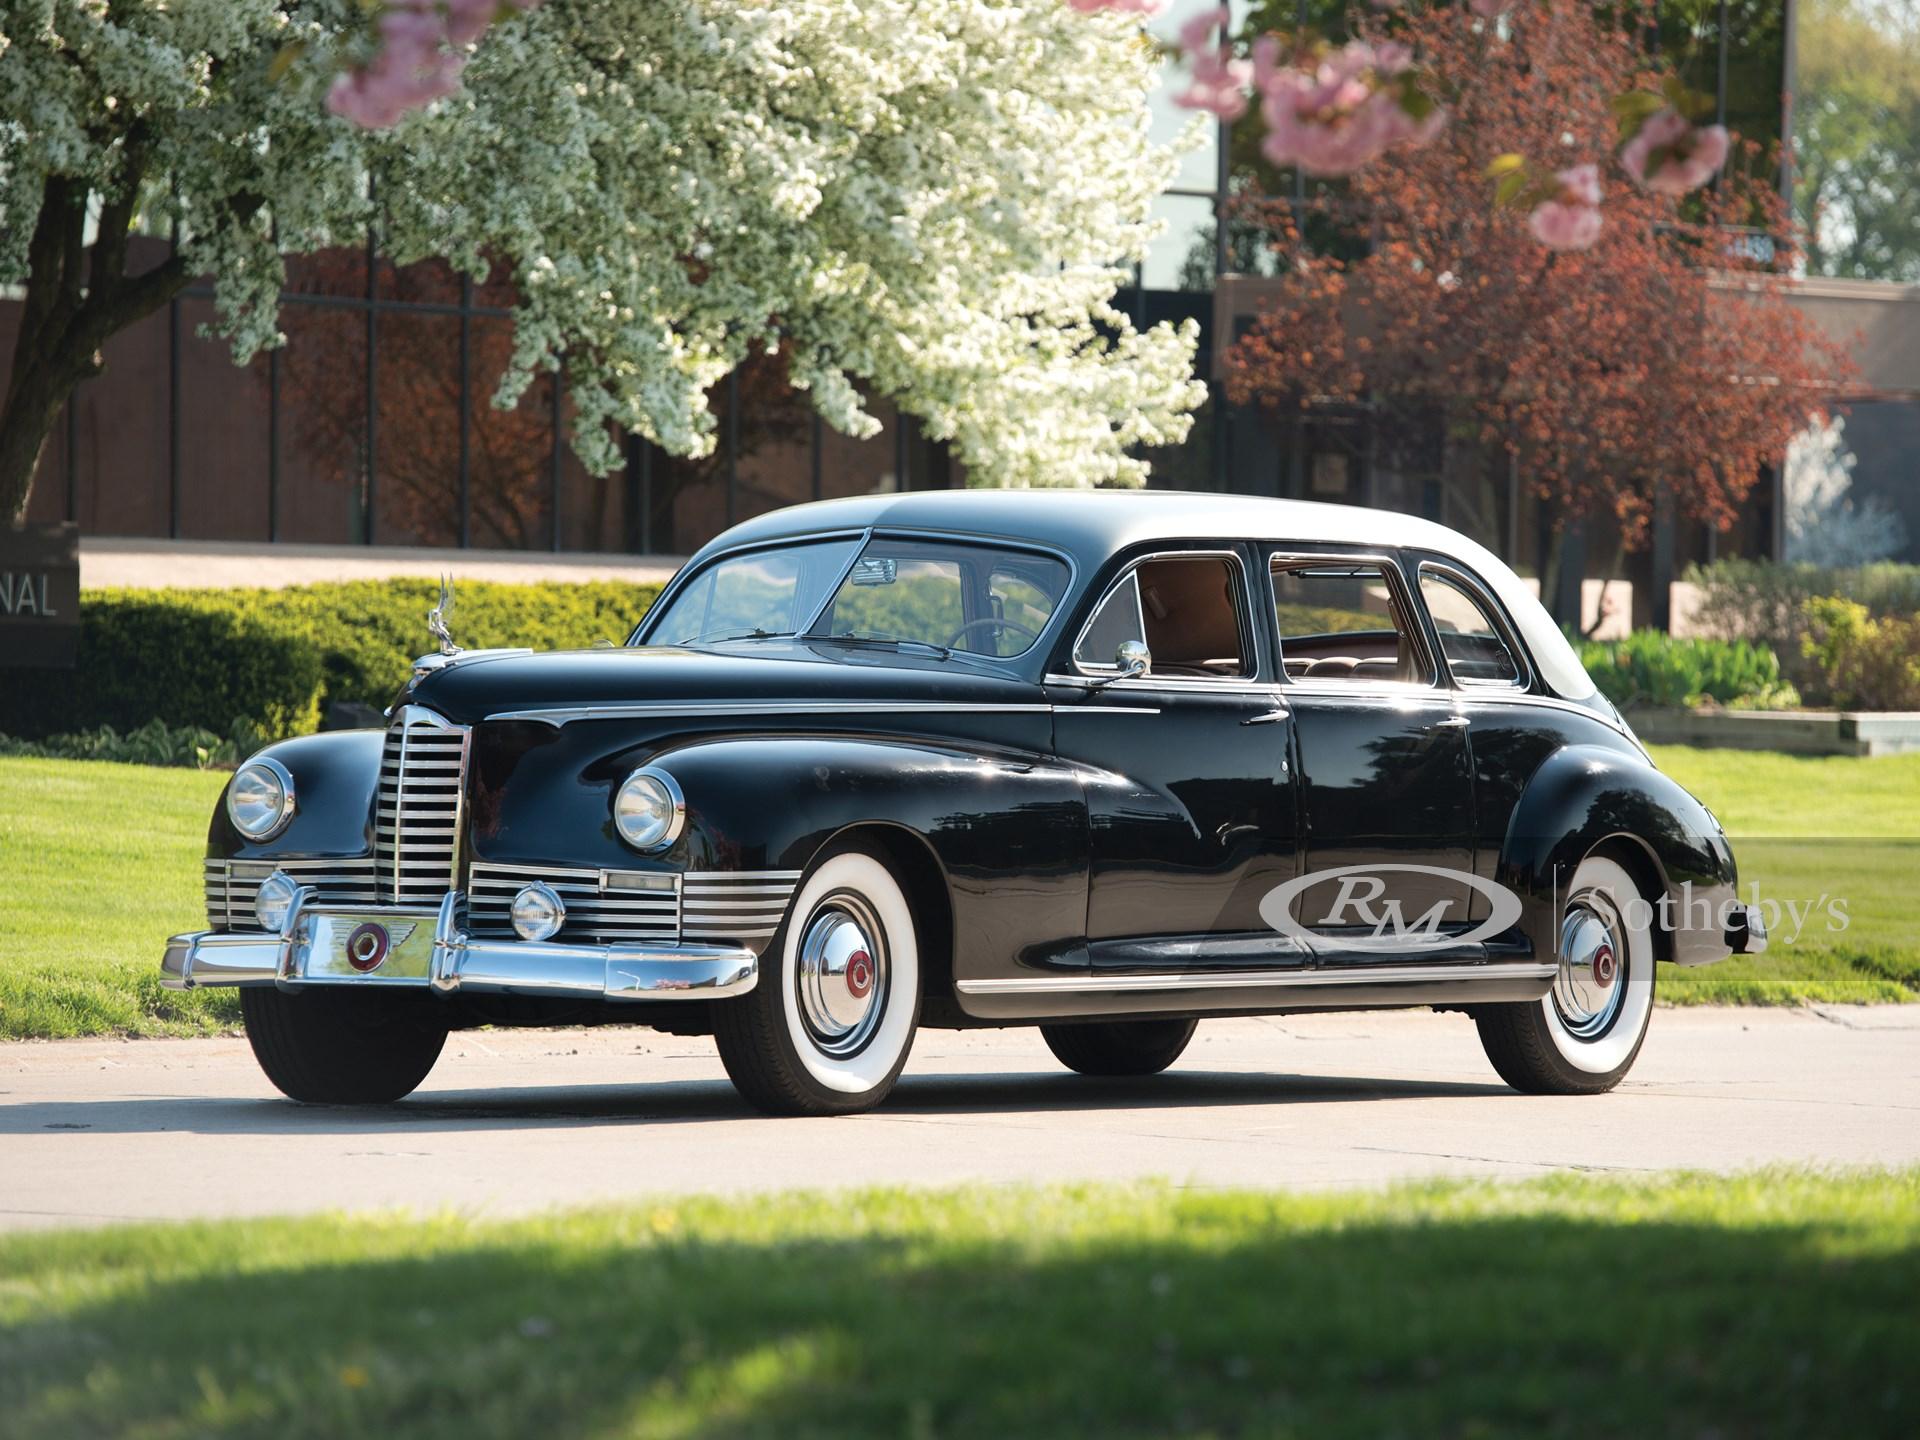 1947 Packard Custom Super Clipper Seven-Passenger Sedan by Henney